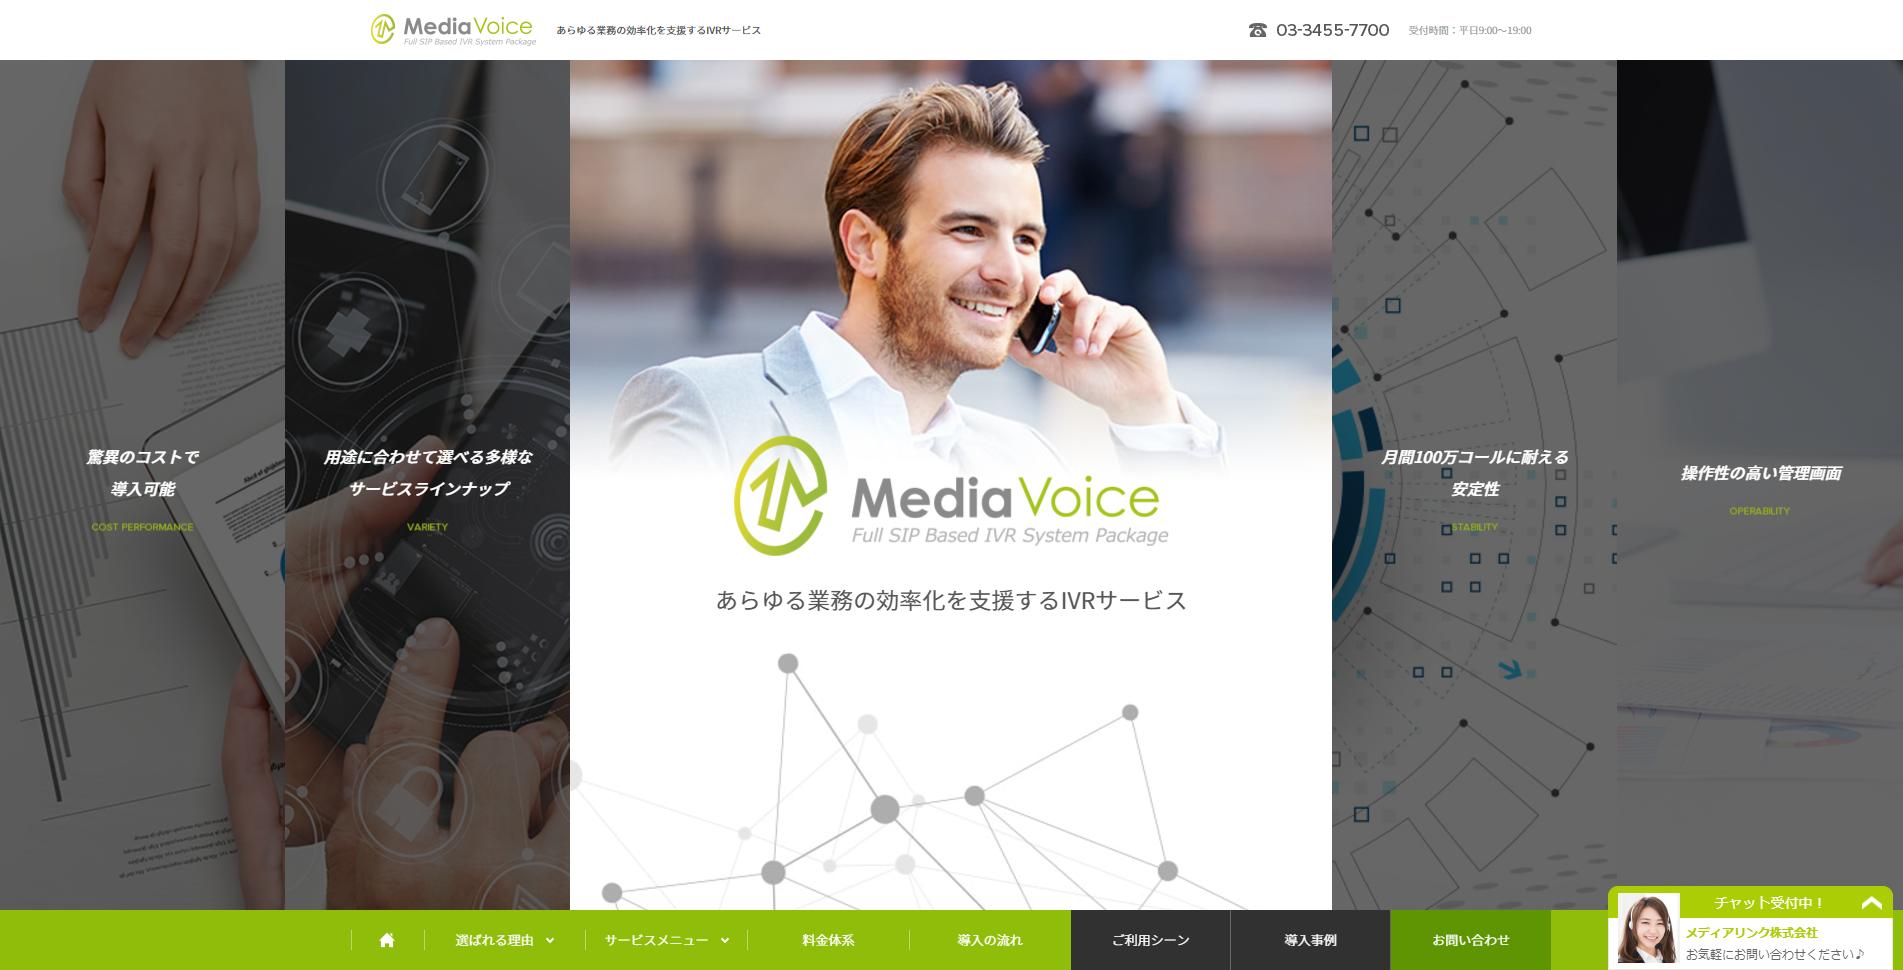 MediaVoiceリニューアルサイト